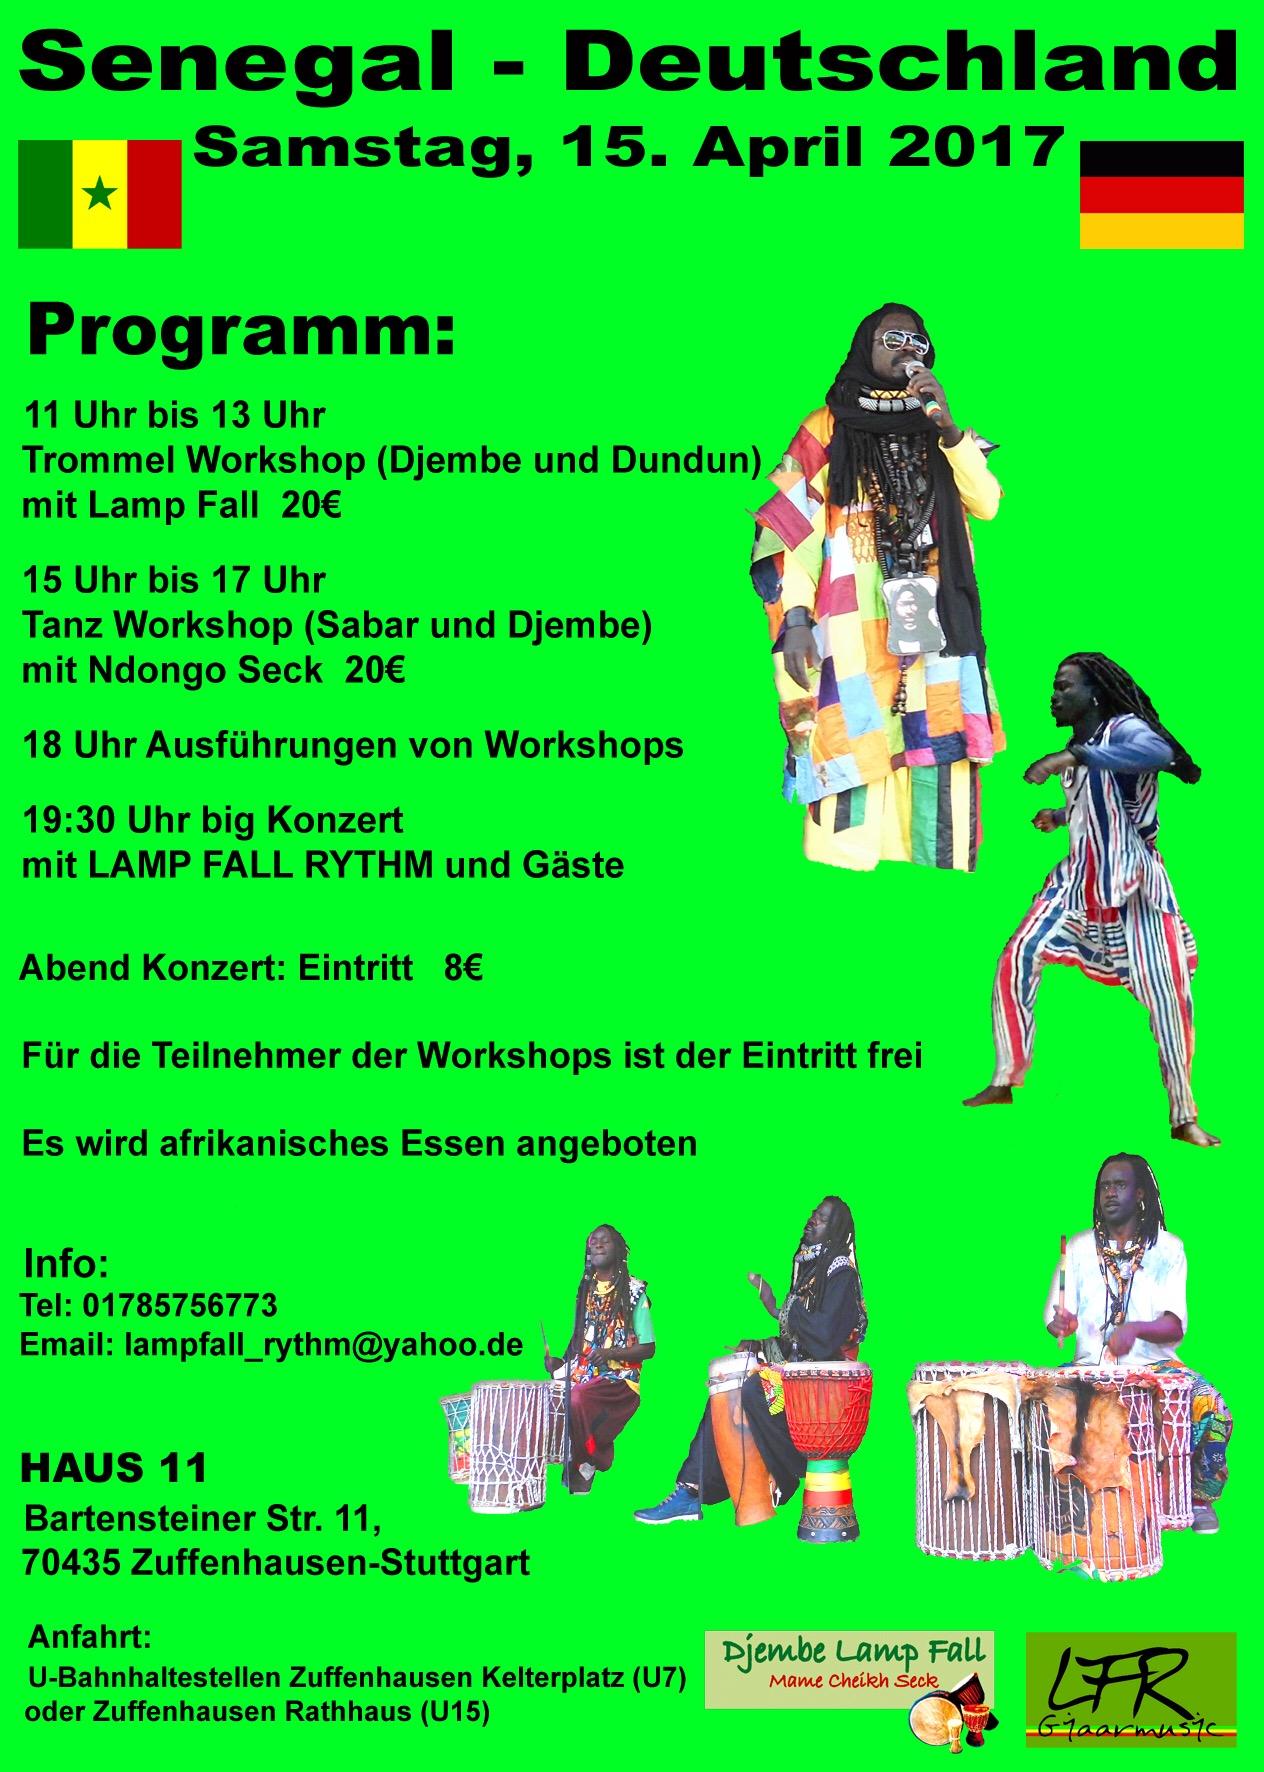 Programm Senegal - Deutschland 2017